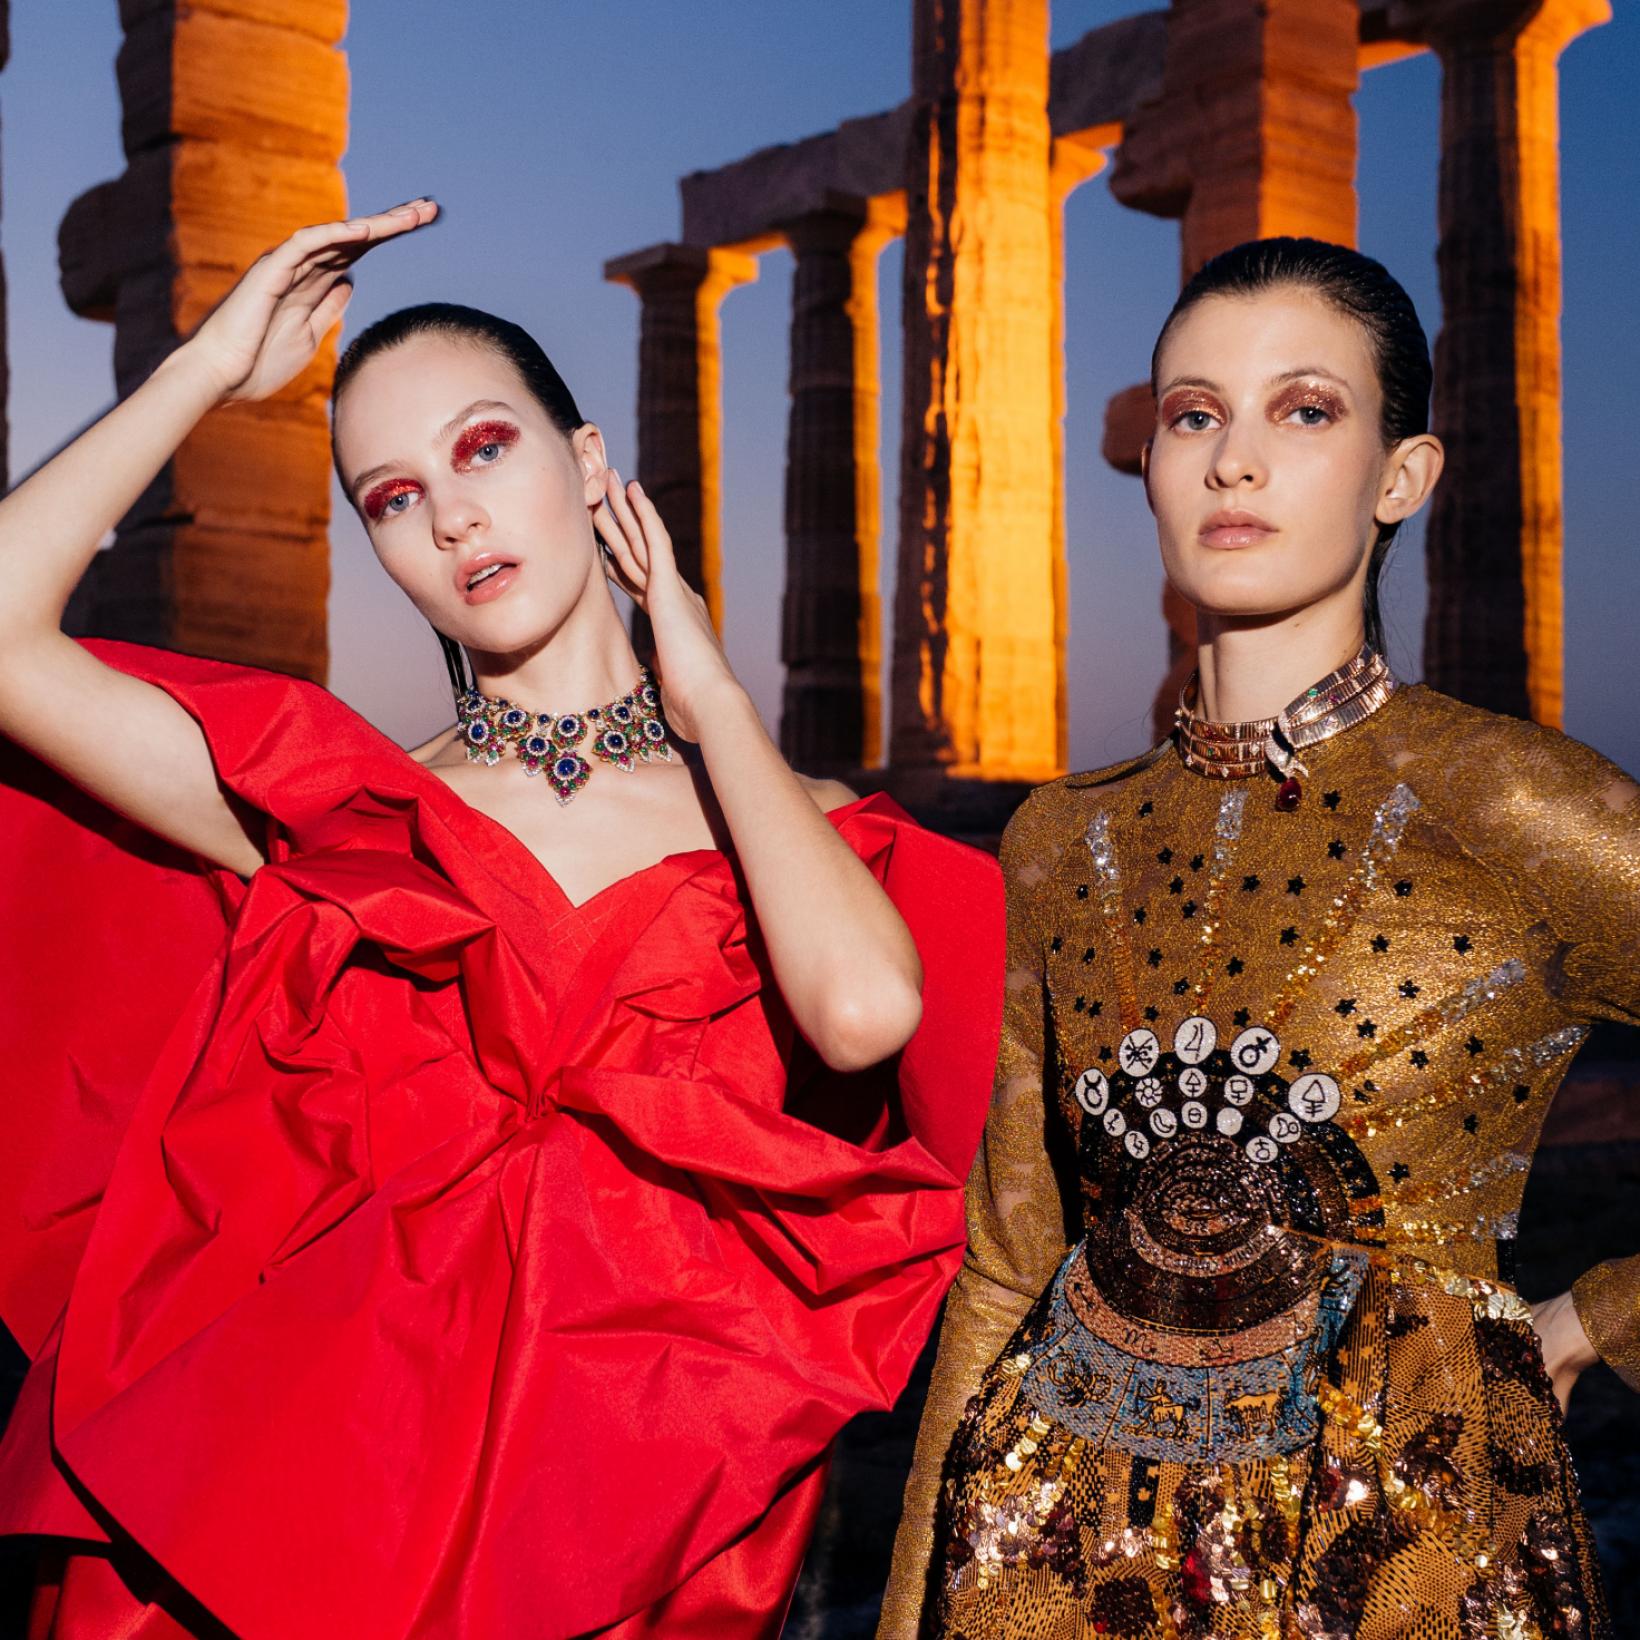 Quel futur pour l'industrie de la mode?